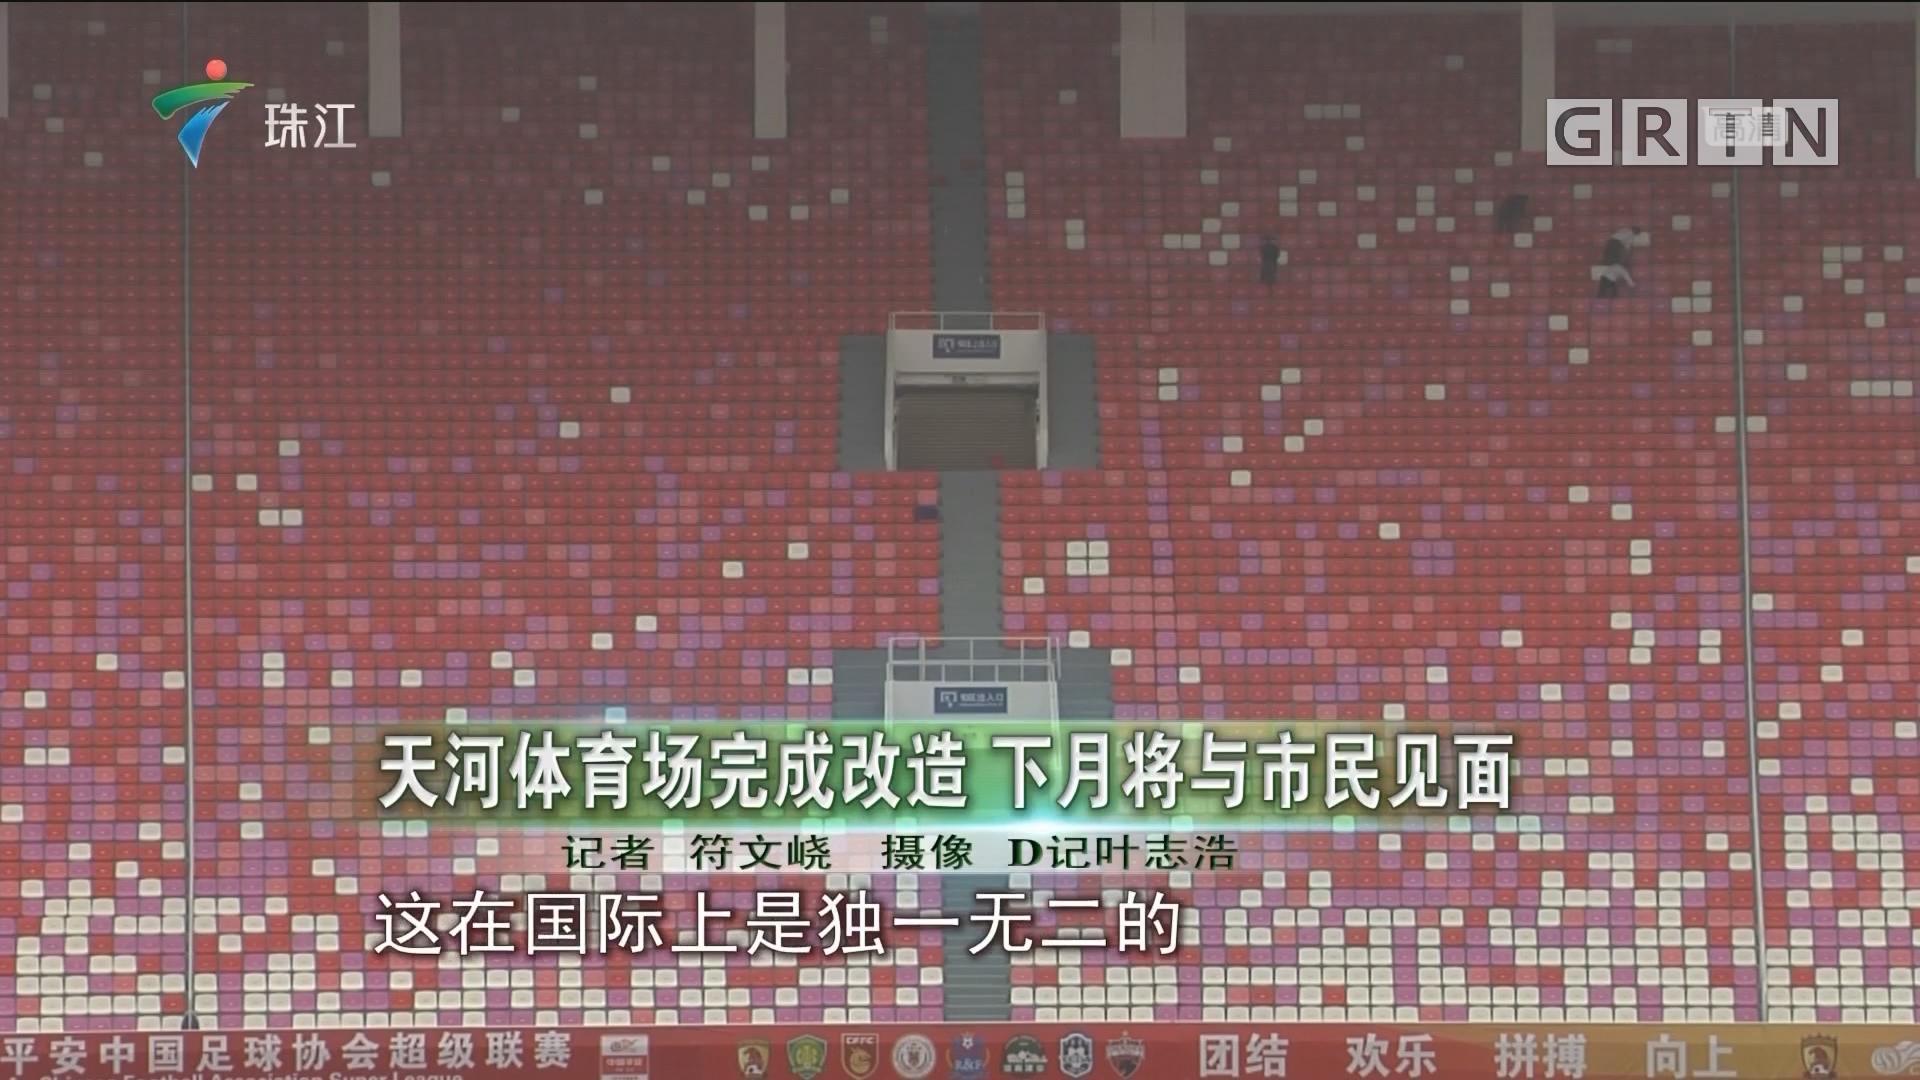 天河体育场完成改造 下月将与市民见面